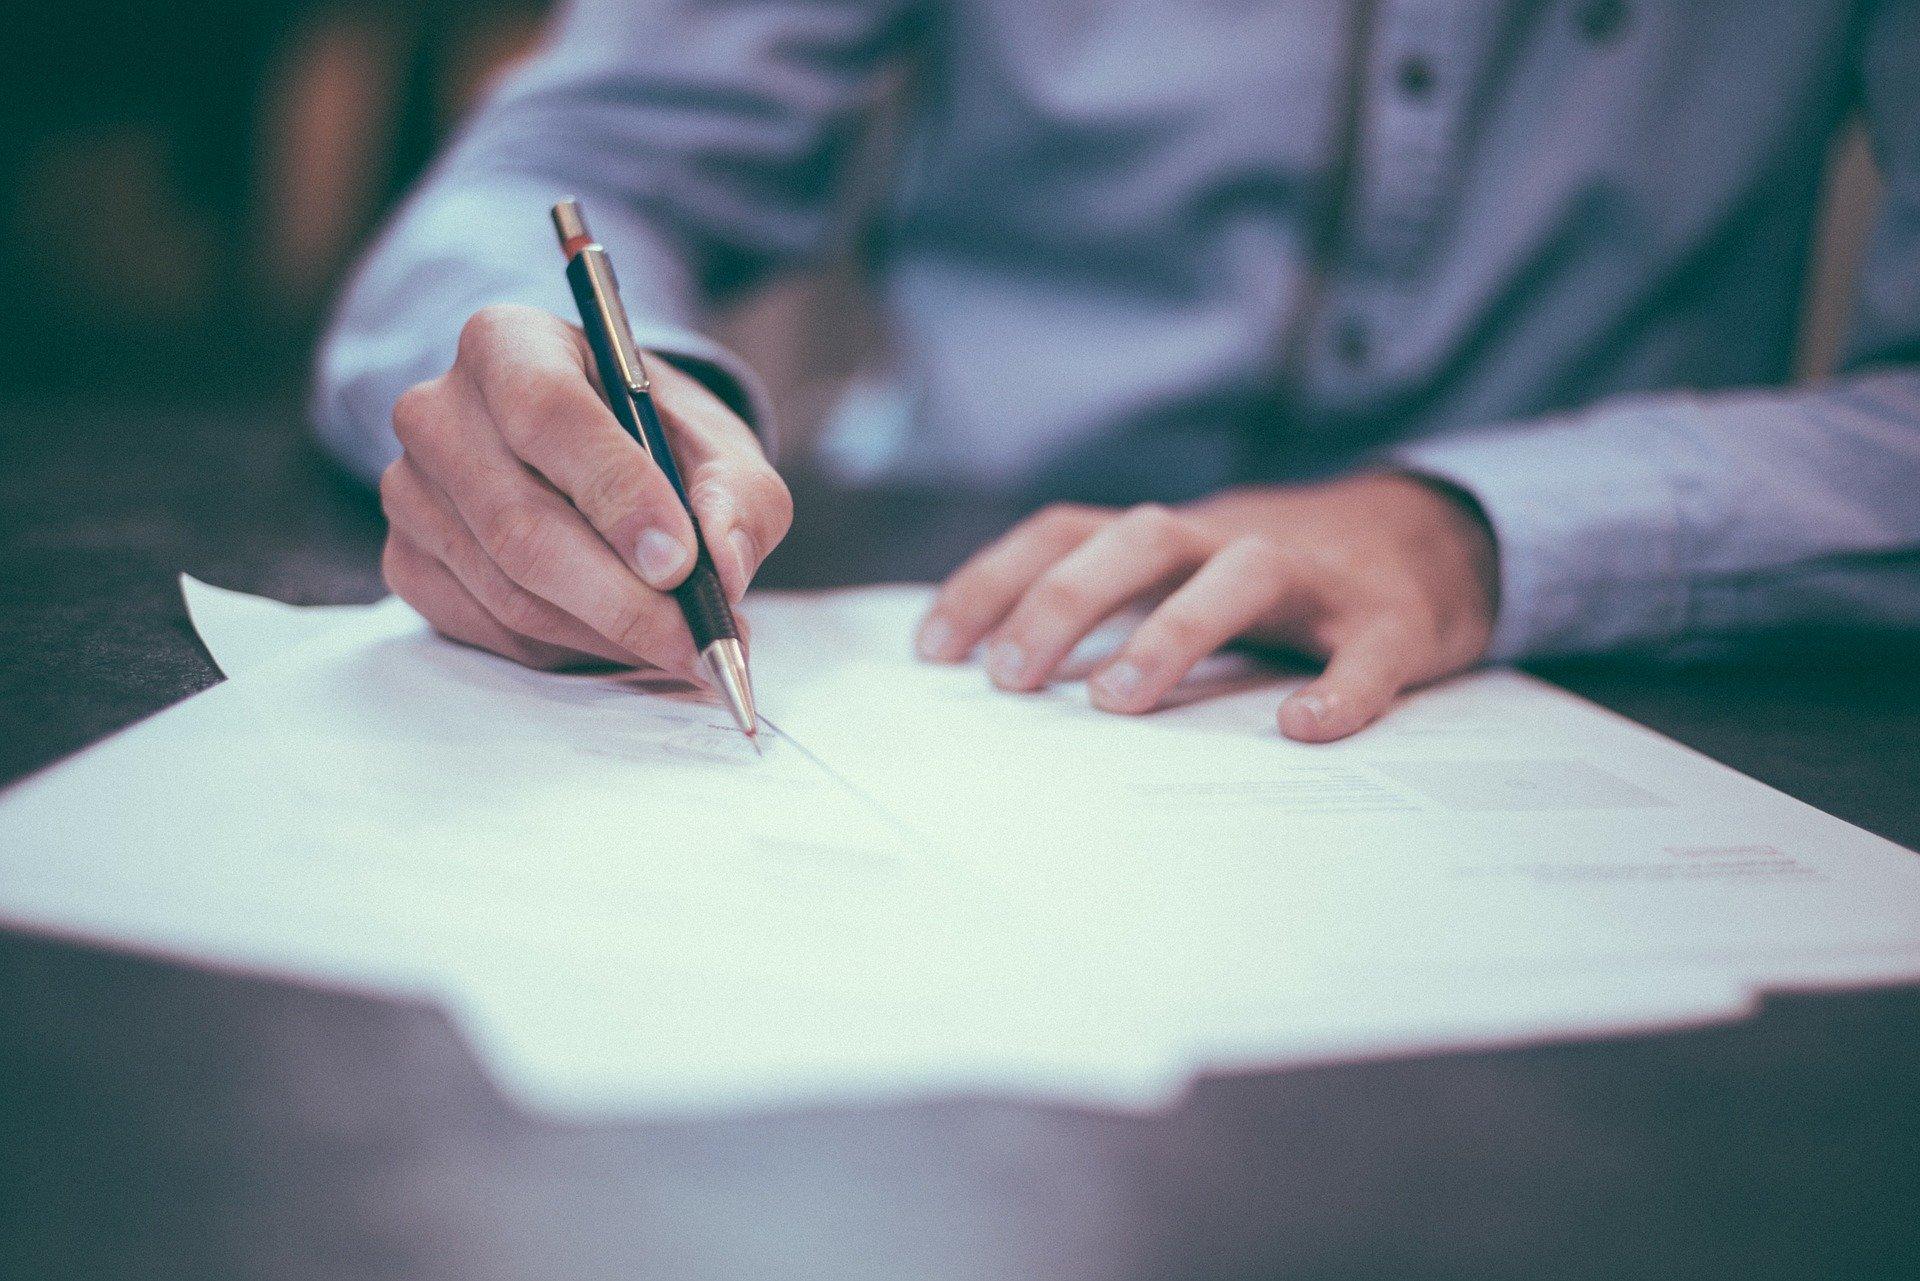 Goede teksten leren schrijven: volg nu een cursus tekst schrijven!